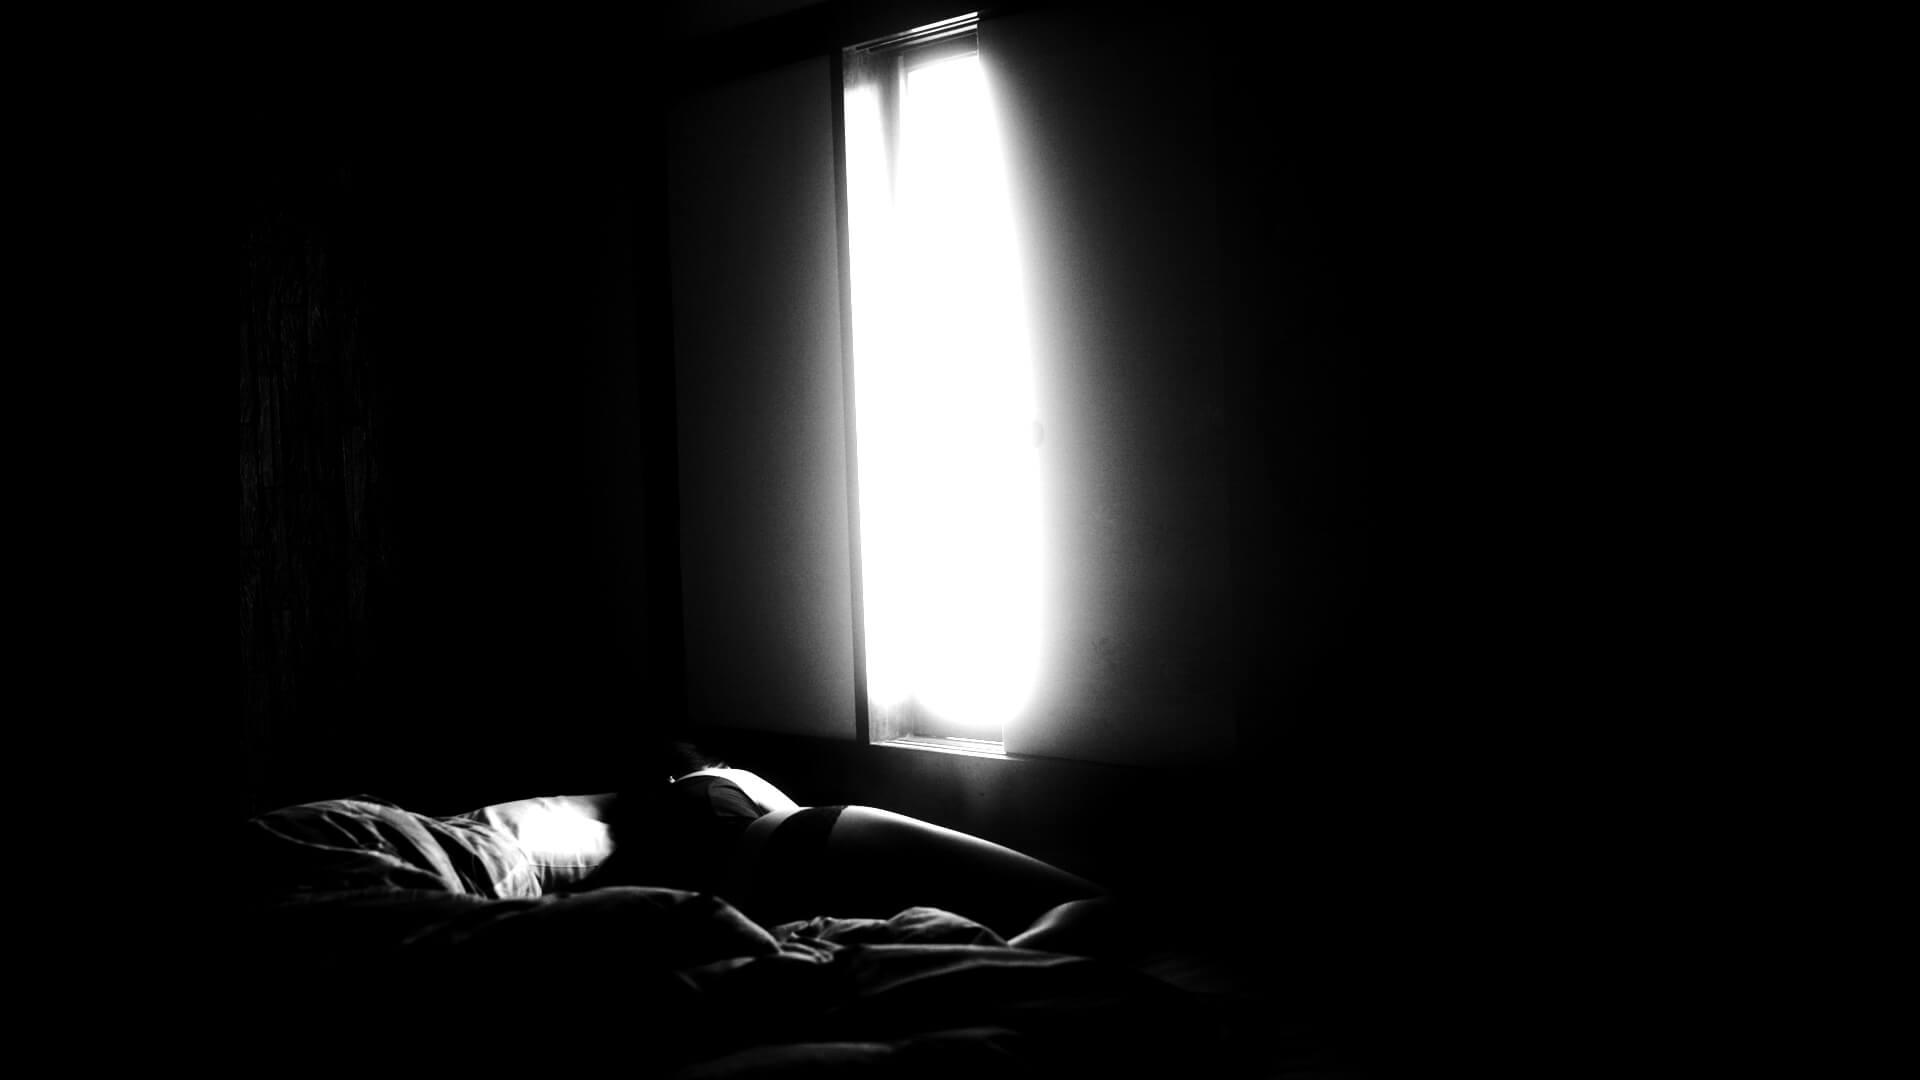 木村太一の最新ショートフィルム『Mu』がBOILER ROOMの「4:3」で世界同時公開|Jin Dogg、Manami Usamaru、Soushiが出演 video190710-kimurataichi-2